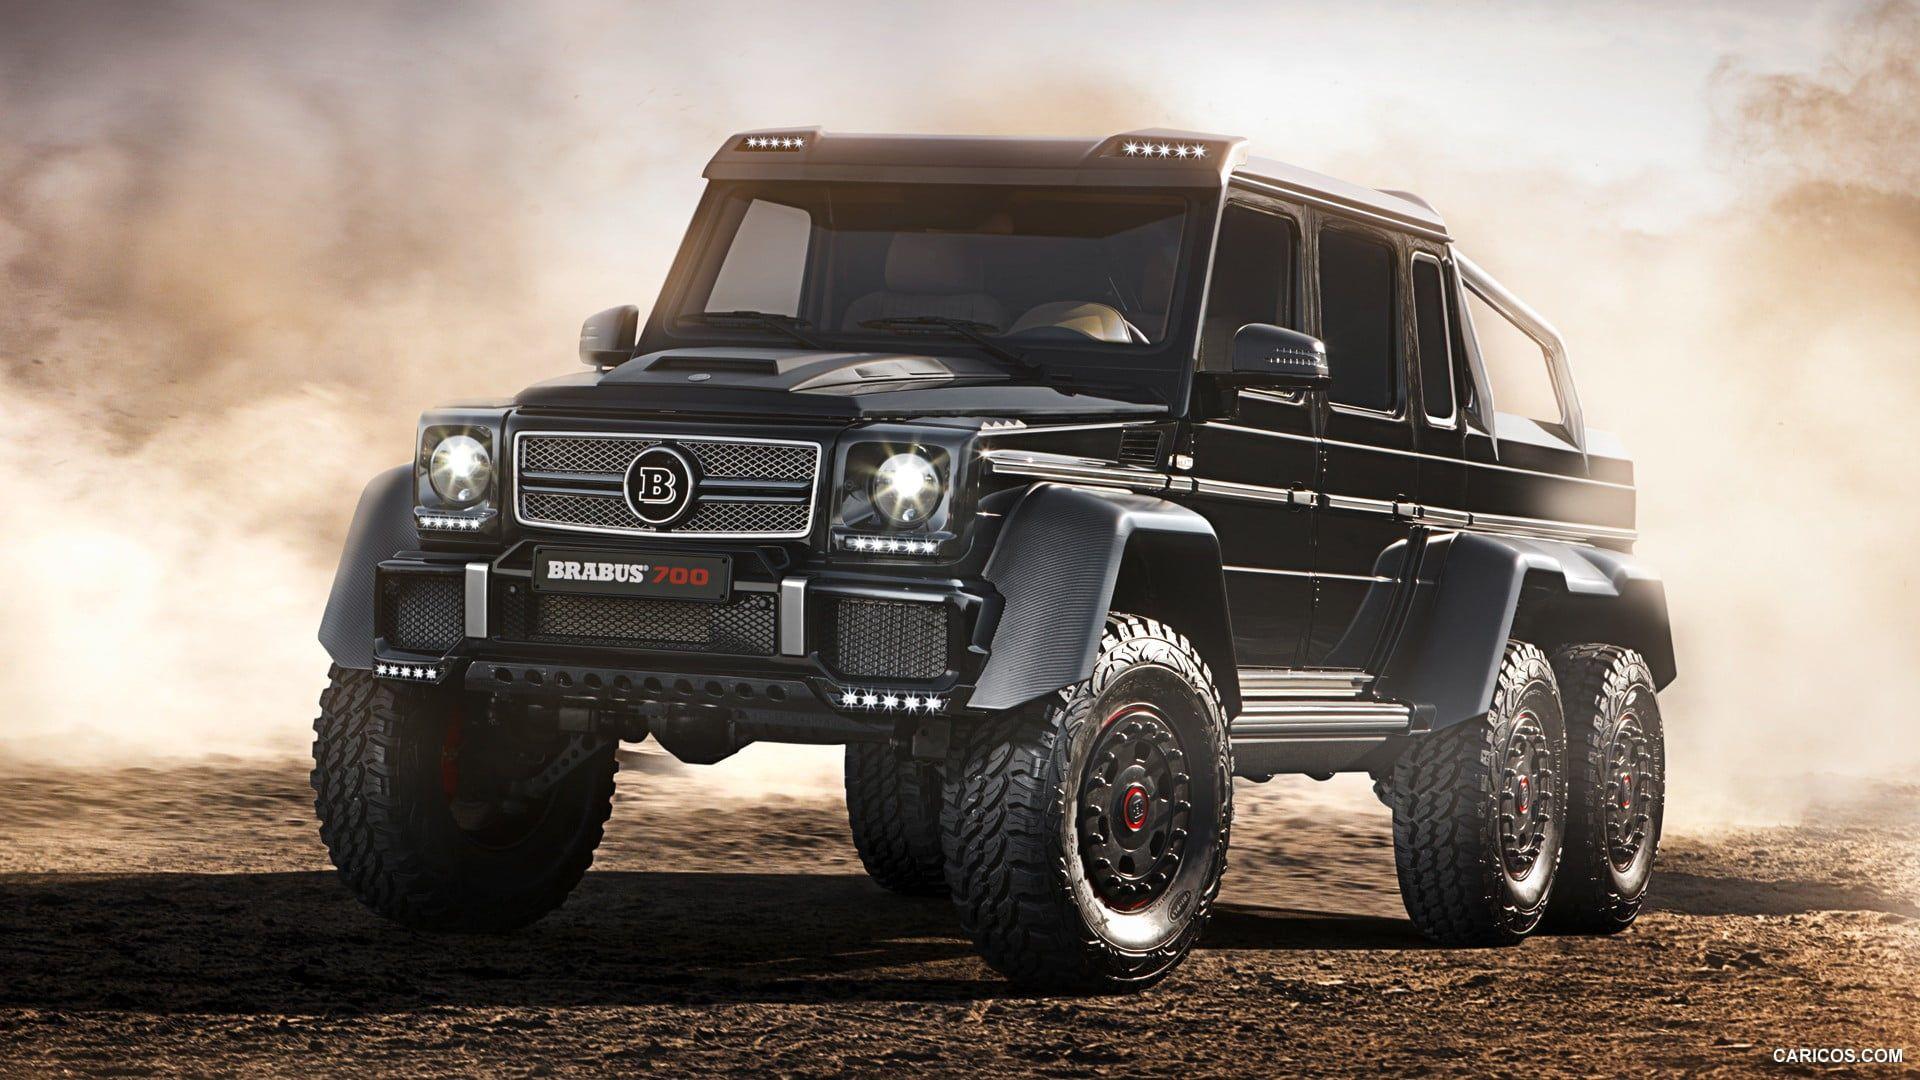 Black Pickup Truck Gelenvagen Mercedes Benz G Class 6x6 Desert Car Brabus 1080p Wallpaper Hdw Luxury Cars Mercedes Benz Convertible Mercedes Benz Sedan